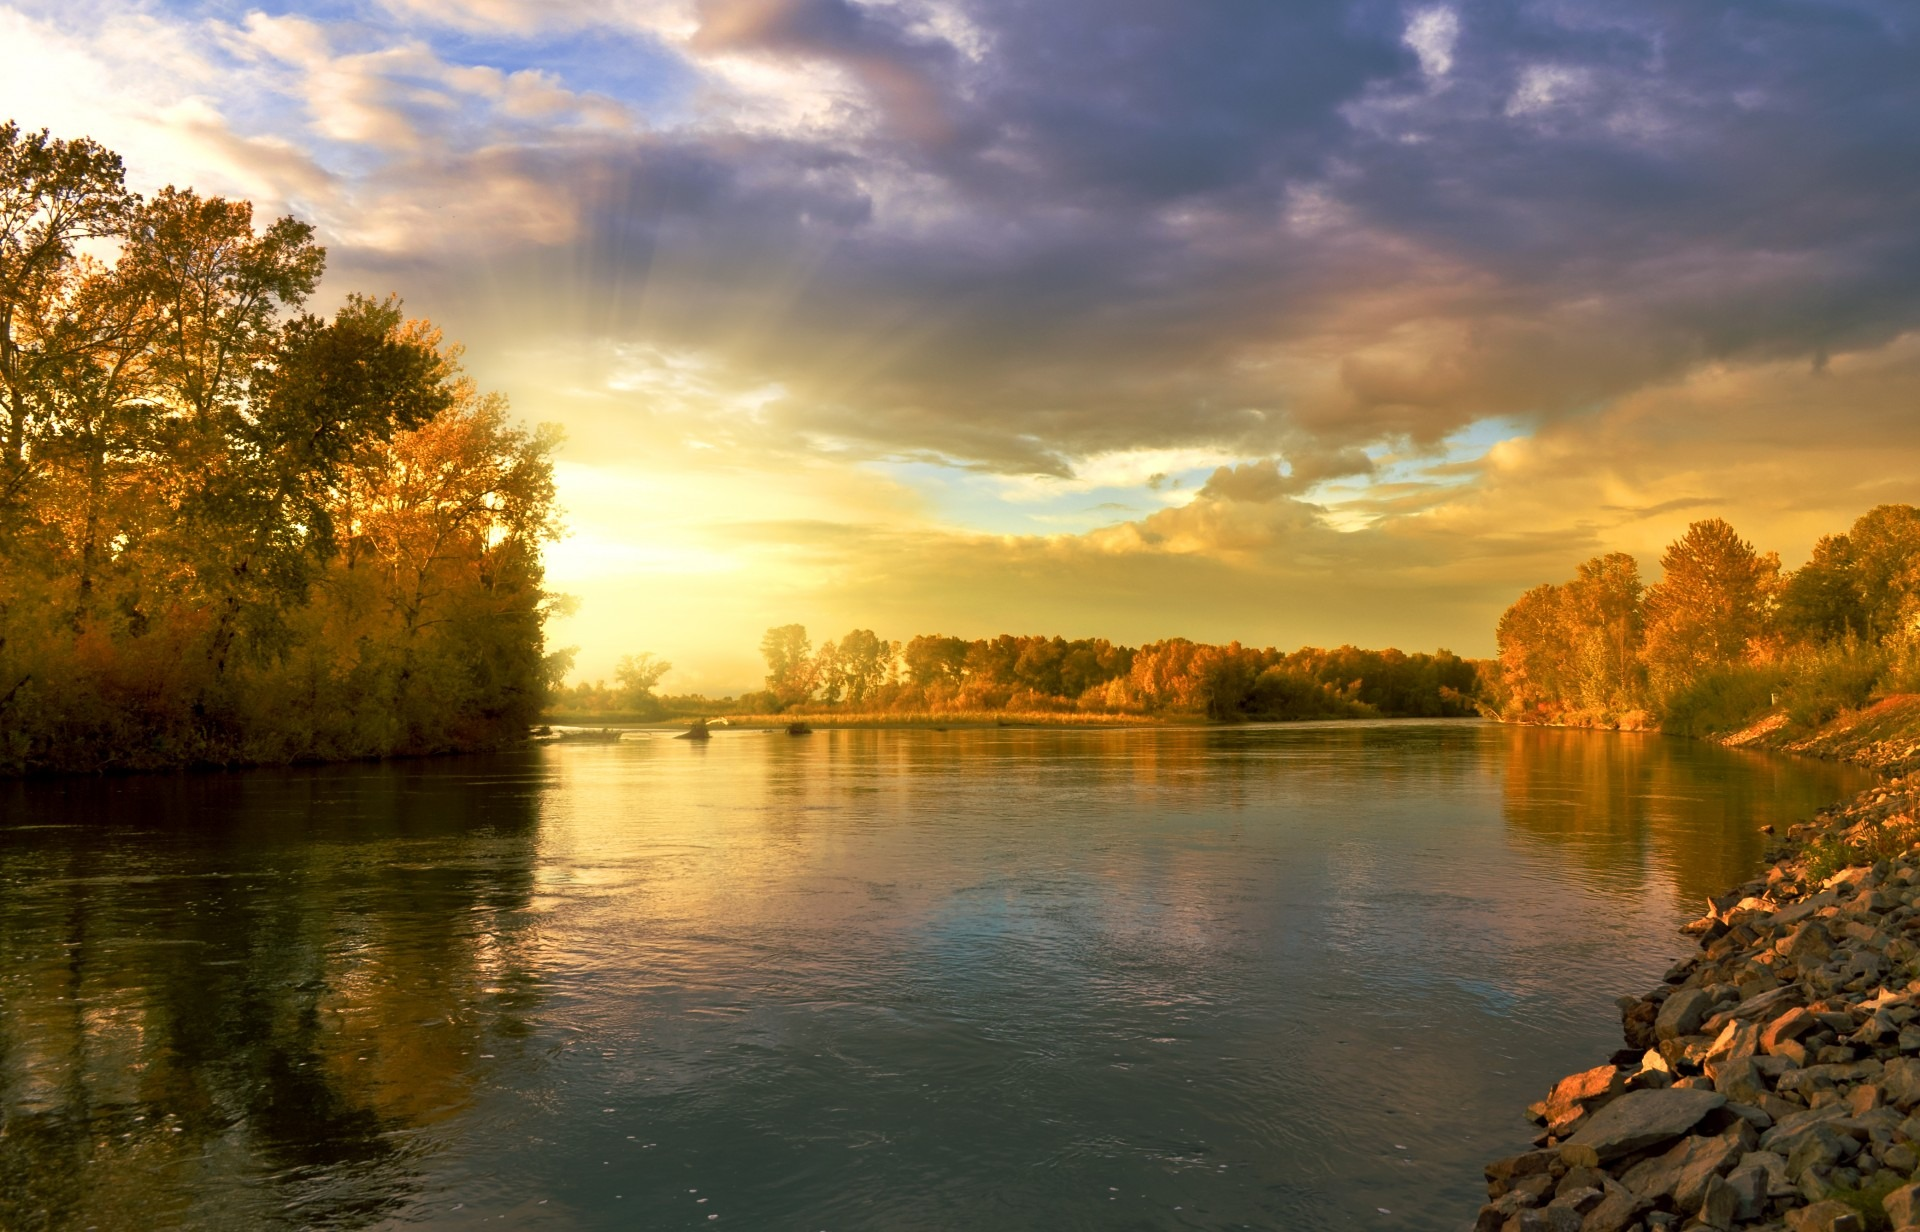 autumn-landscape-nature-golden